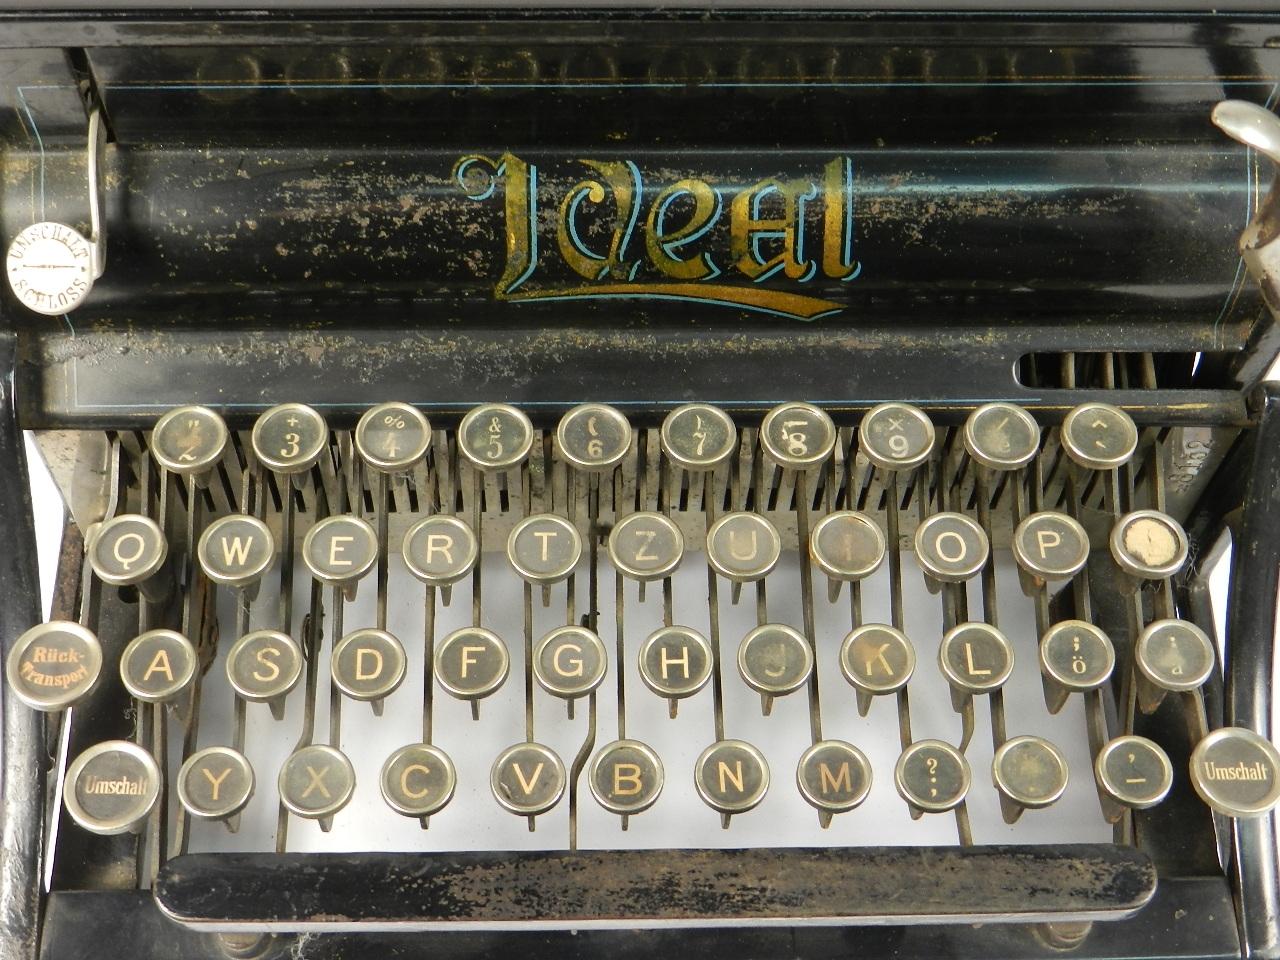 Imagen IDEAL A2 AÑO 1900 SEIDEL & NAUMANN 31068